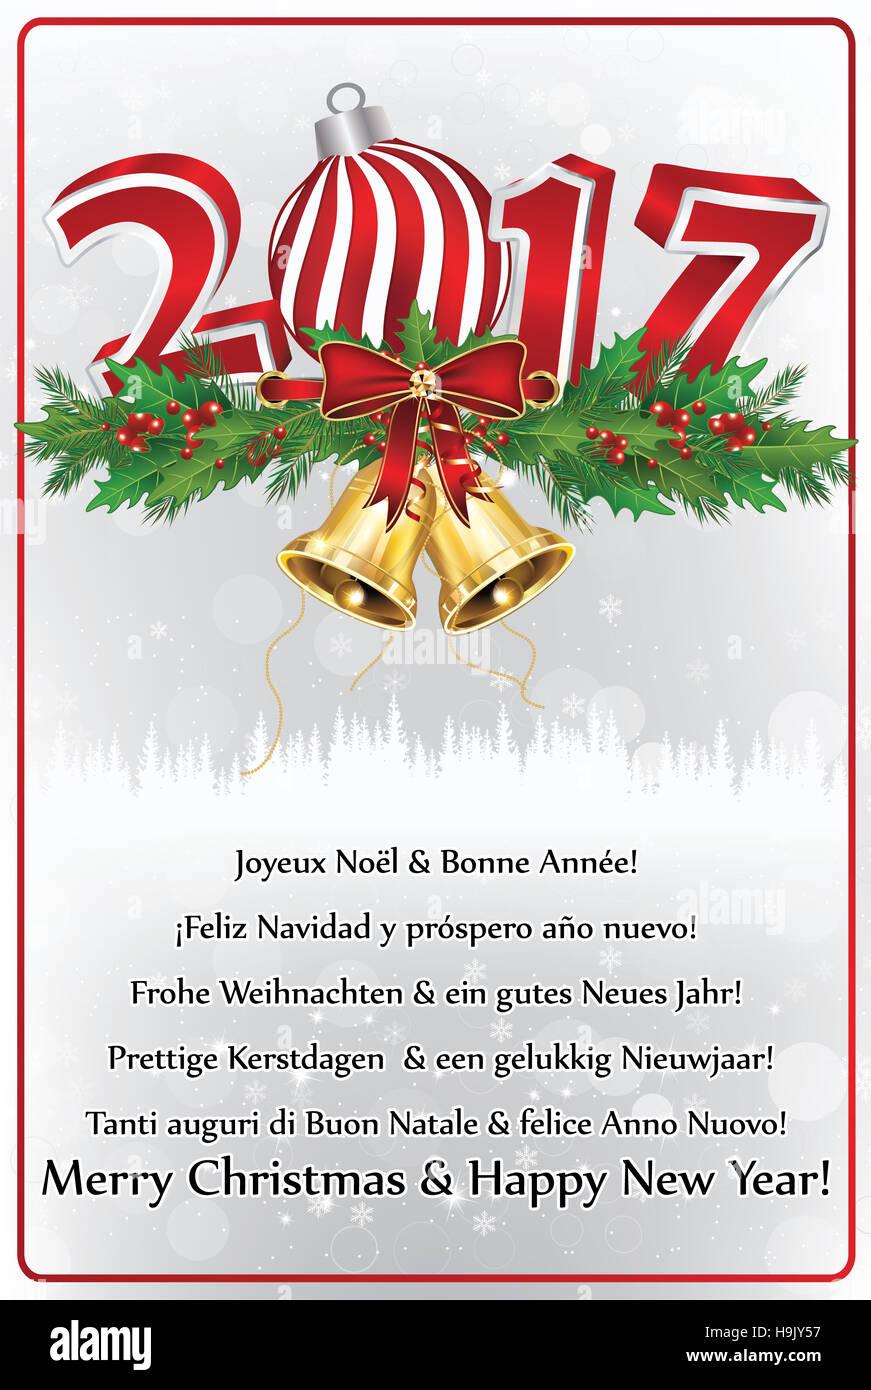 Frohe Weihnachten Und Ein Gutes Neues Jahr Holländisch.Neujahr Grußkarte 2017 In Vielen Sprachen Die übersetzung Des